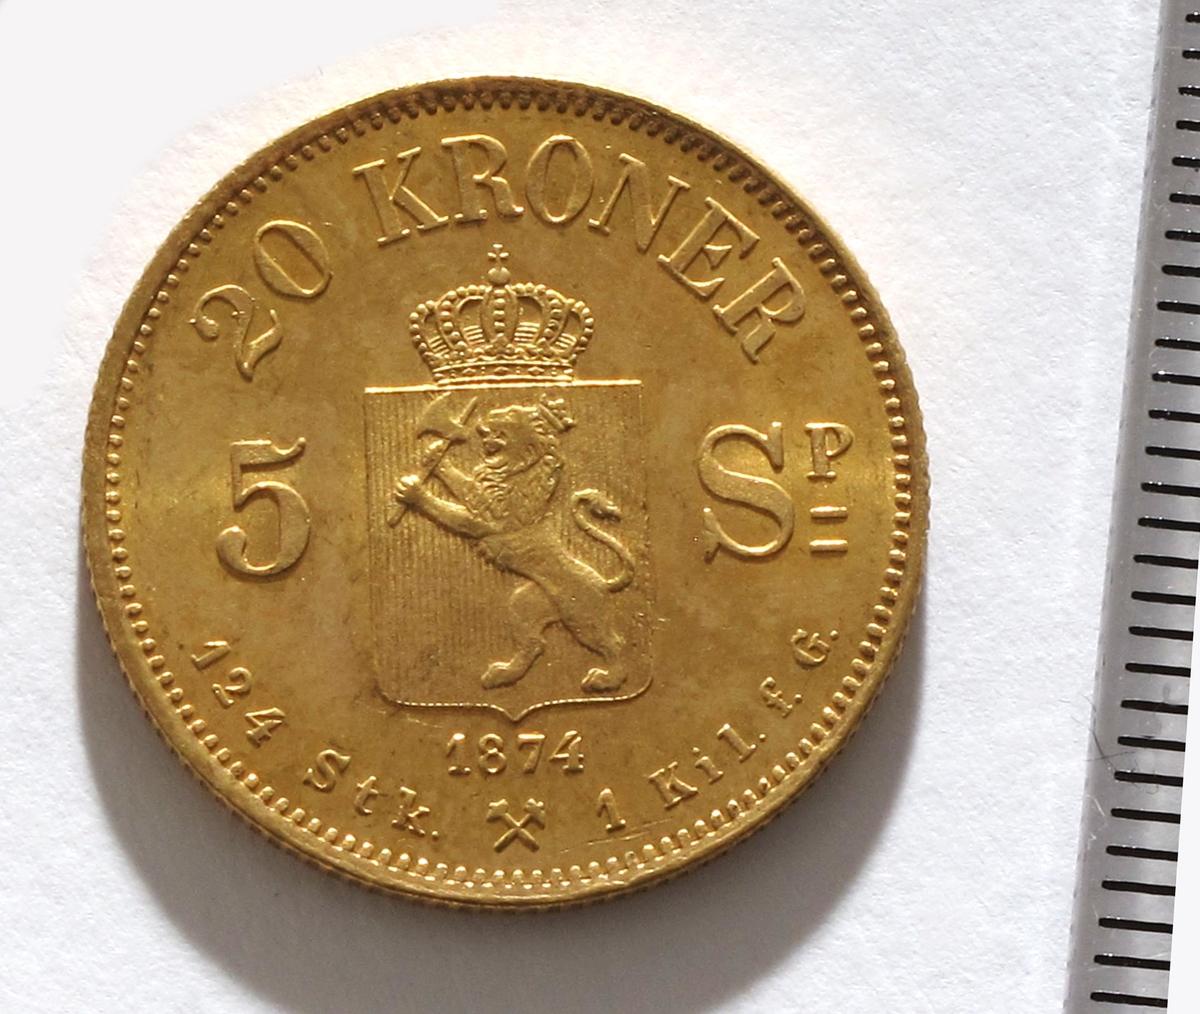 20 kr. mynt av gull.